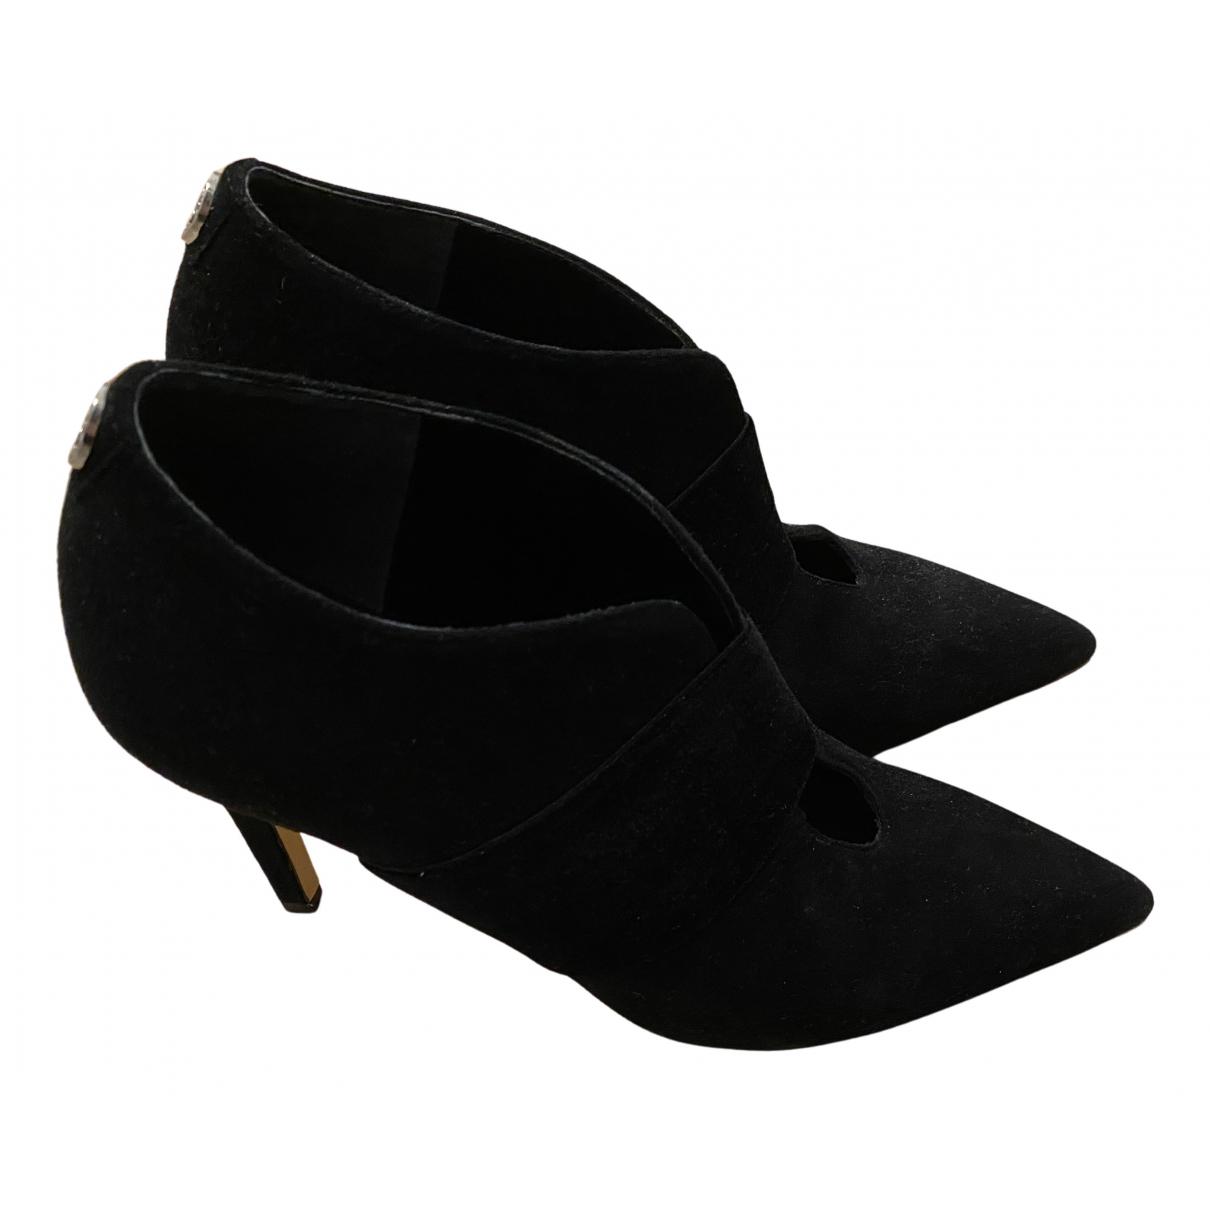 Guess - Boots   pour femme en suede - noir